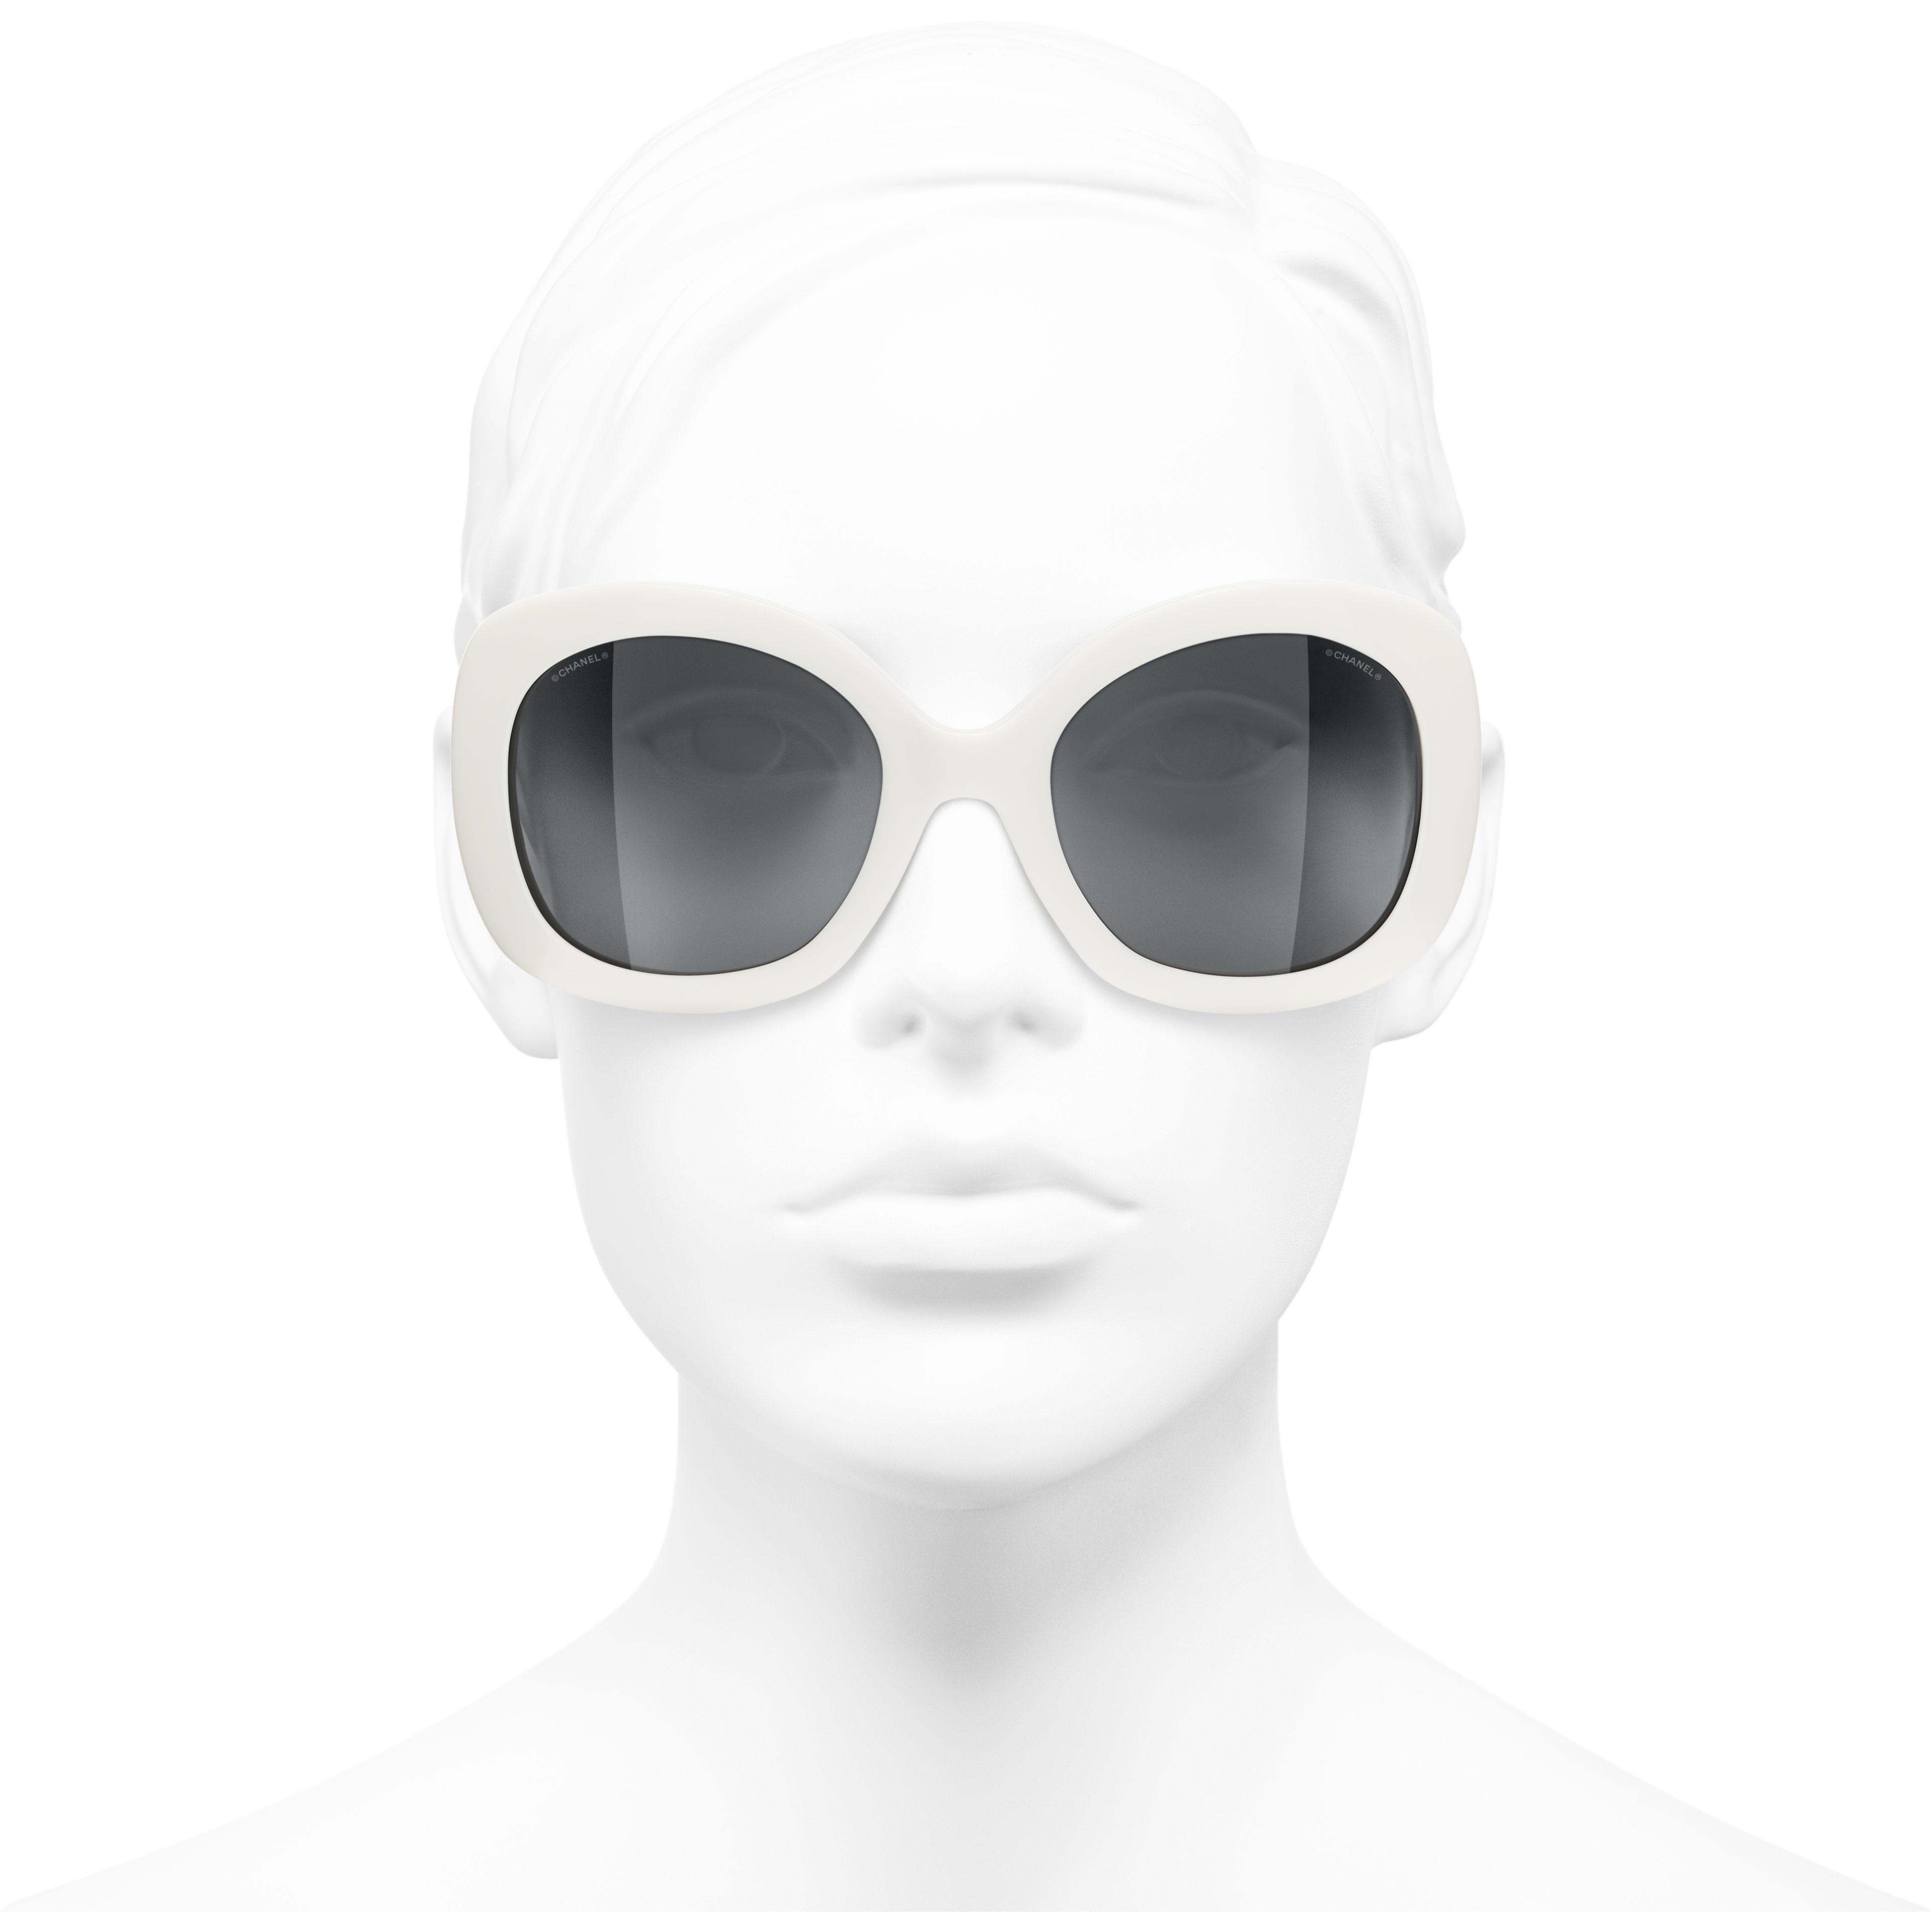 Gafas de sol cuadradas - Blanco - Acetato - CHANEL - Vista delantera del producto puesto - ver la versión tamaño estándar